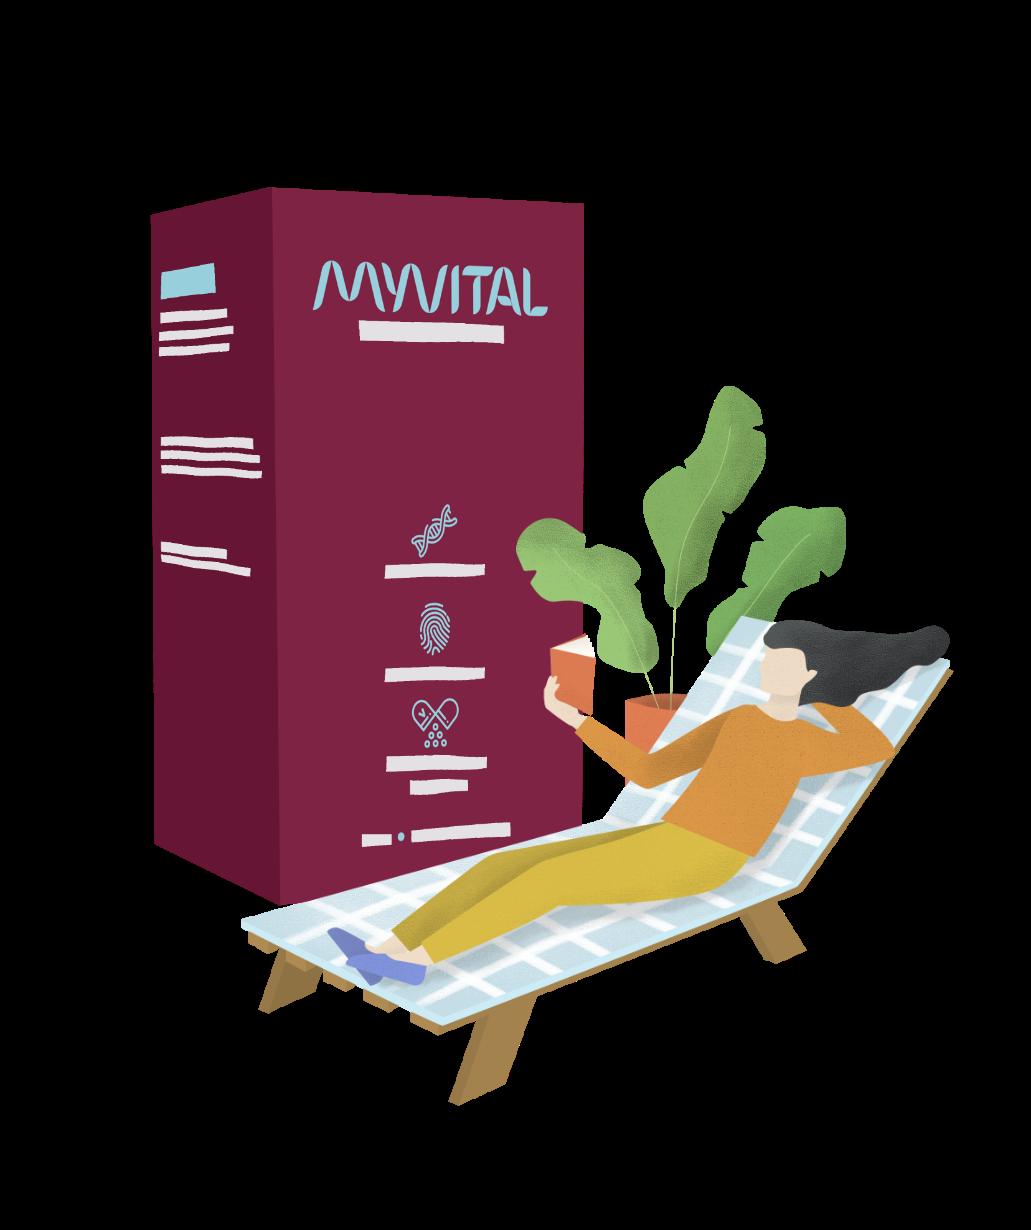 Boldog élet Myvital vitaminnal